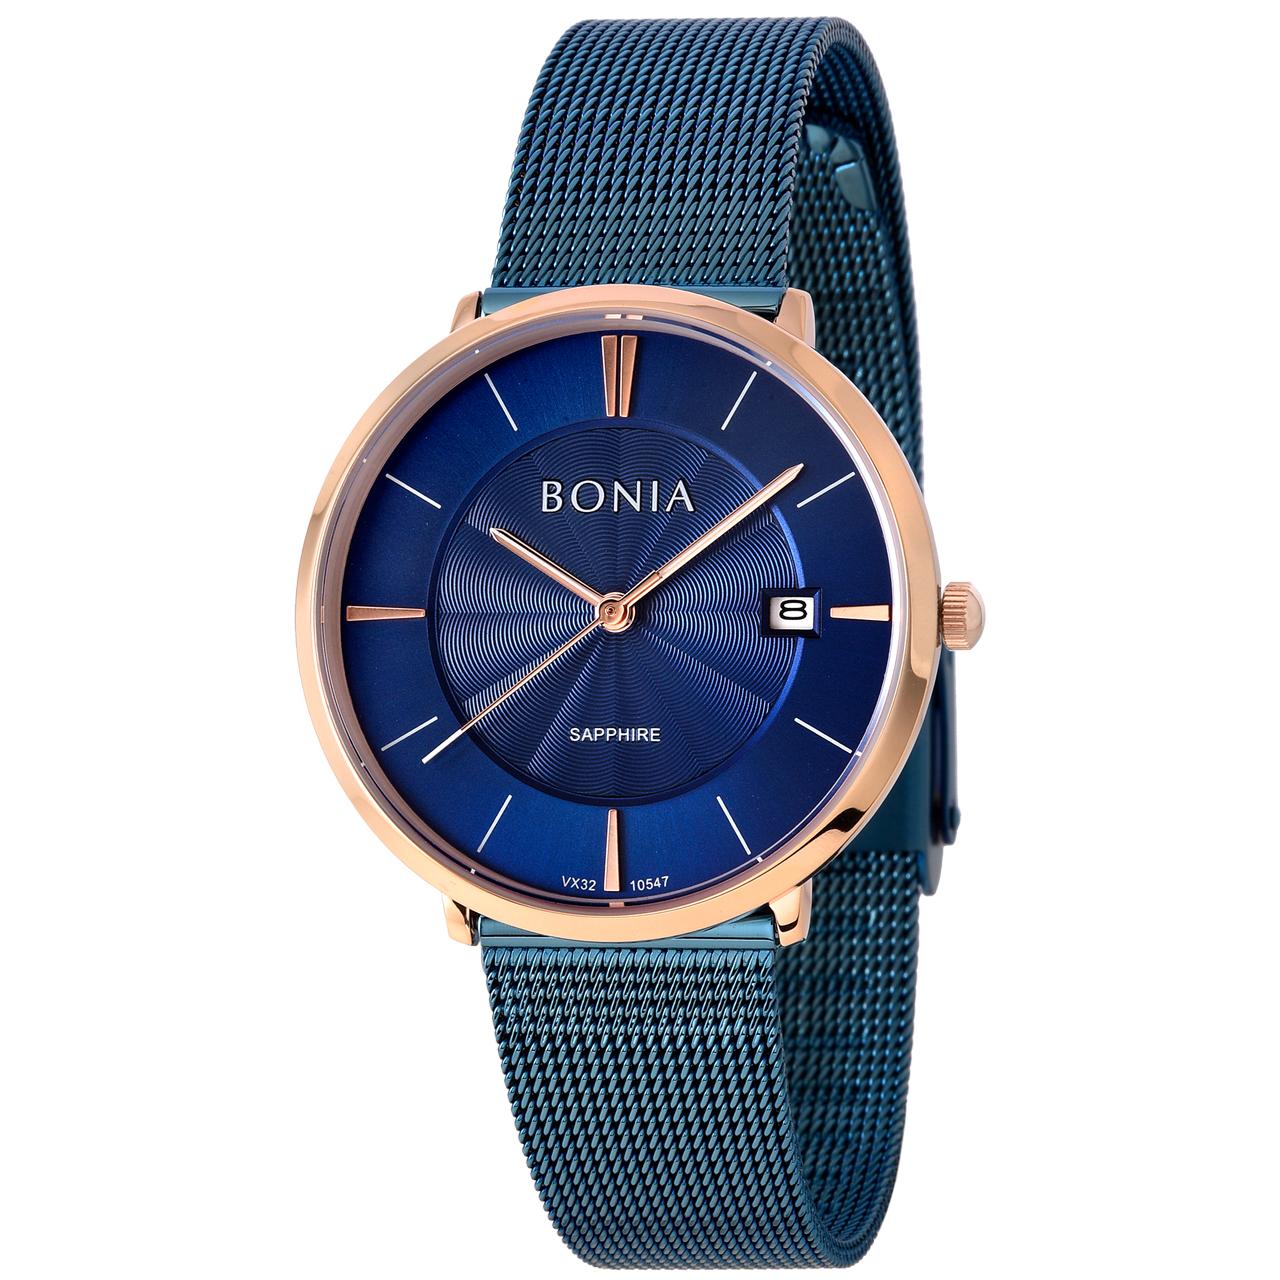 ساعت مچی عقربه ای زنانه بونیا کد BNB10547-2582